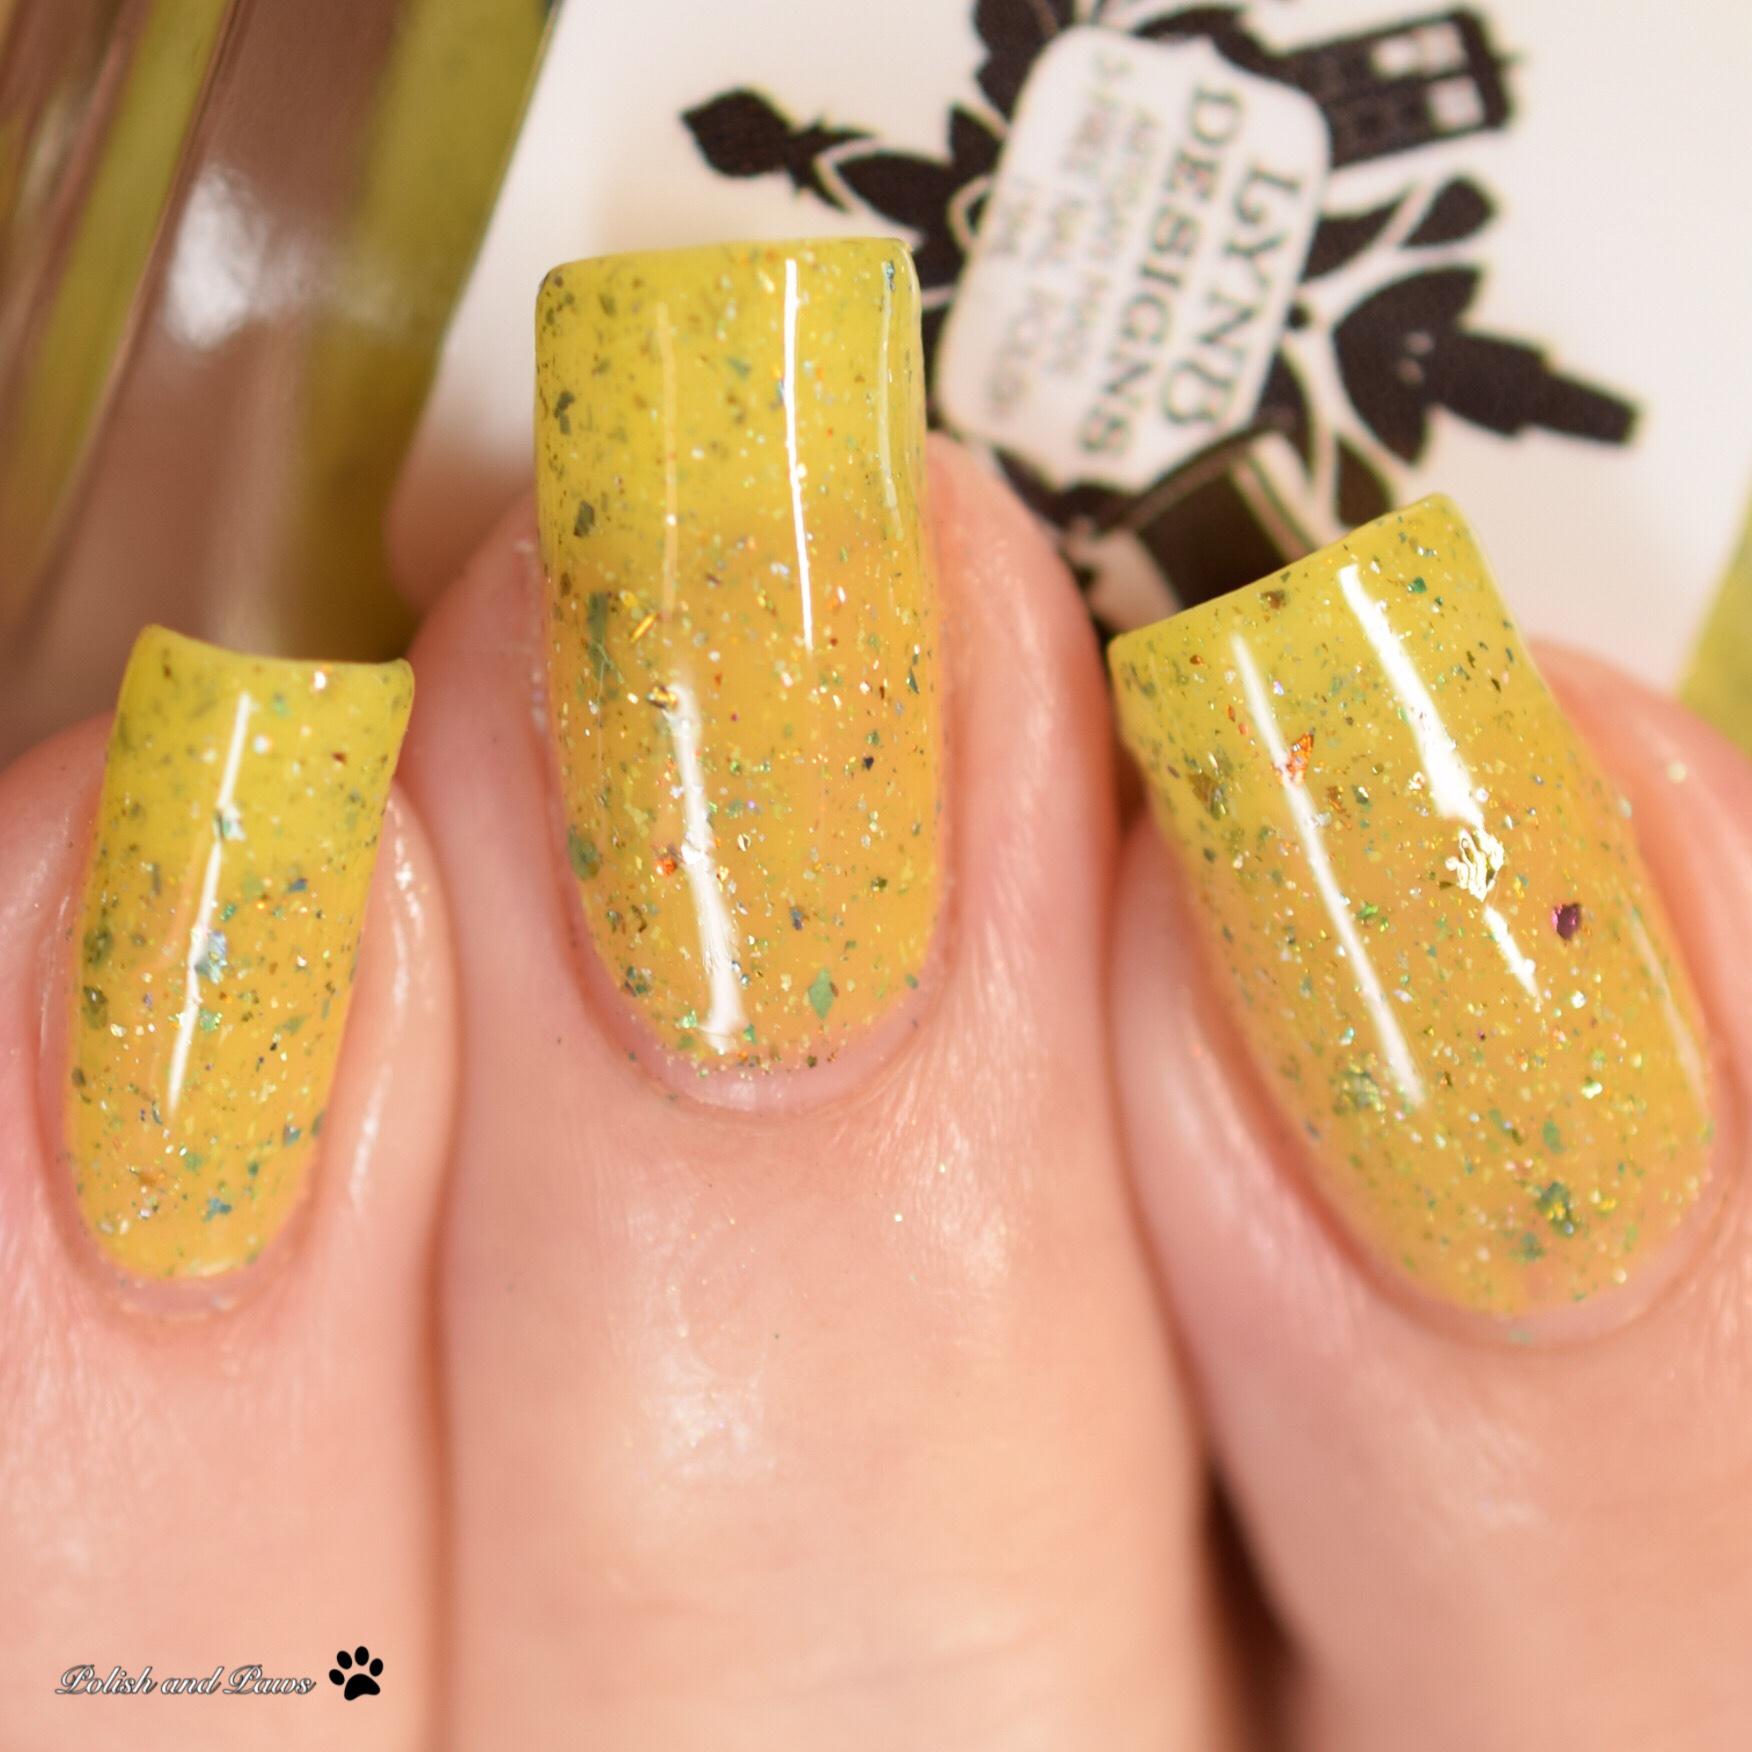 LynB Designs Sounds like a Job for Pineapple Socks